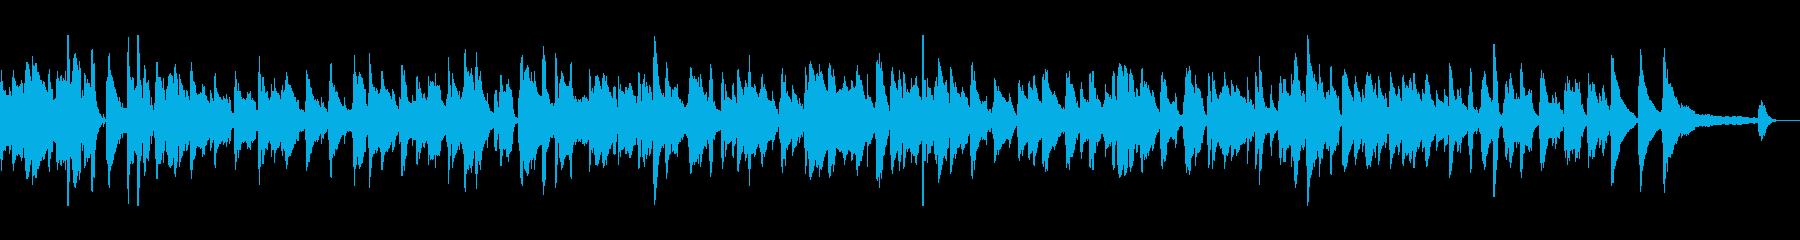 落ち着いたオシャレなジャズの再生済みの波形